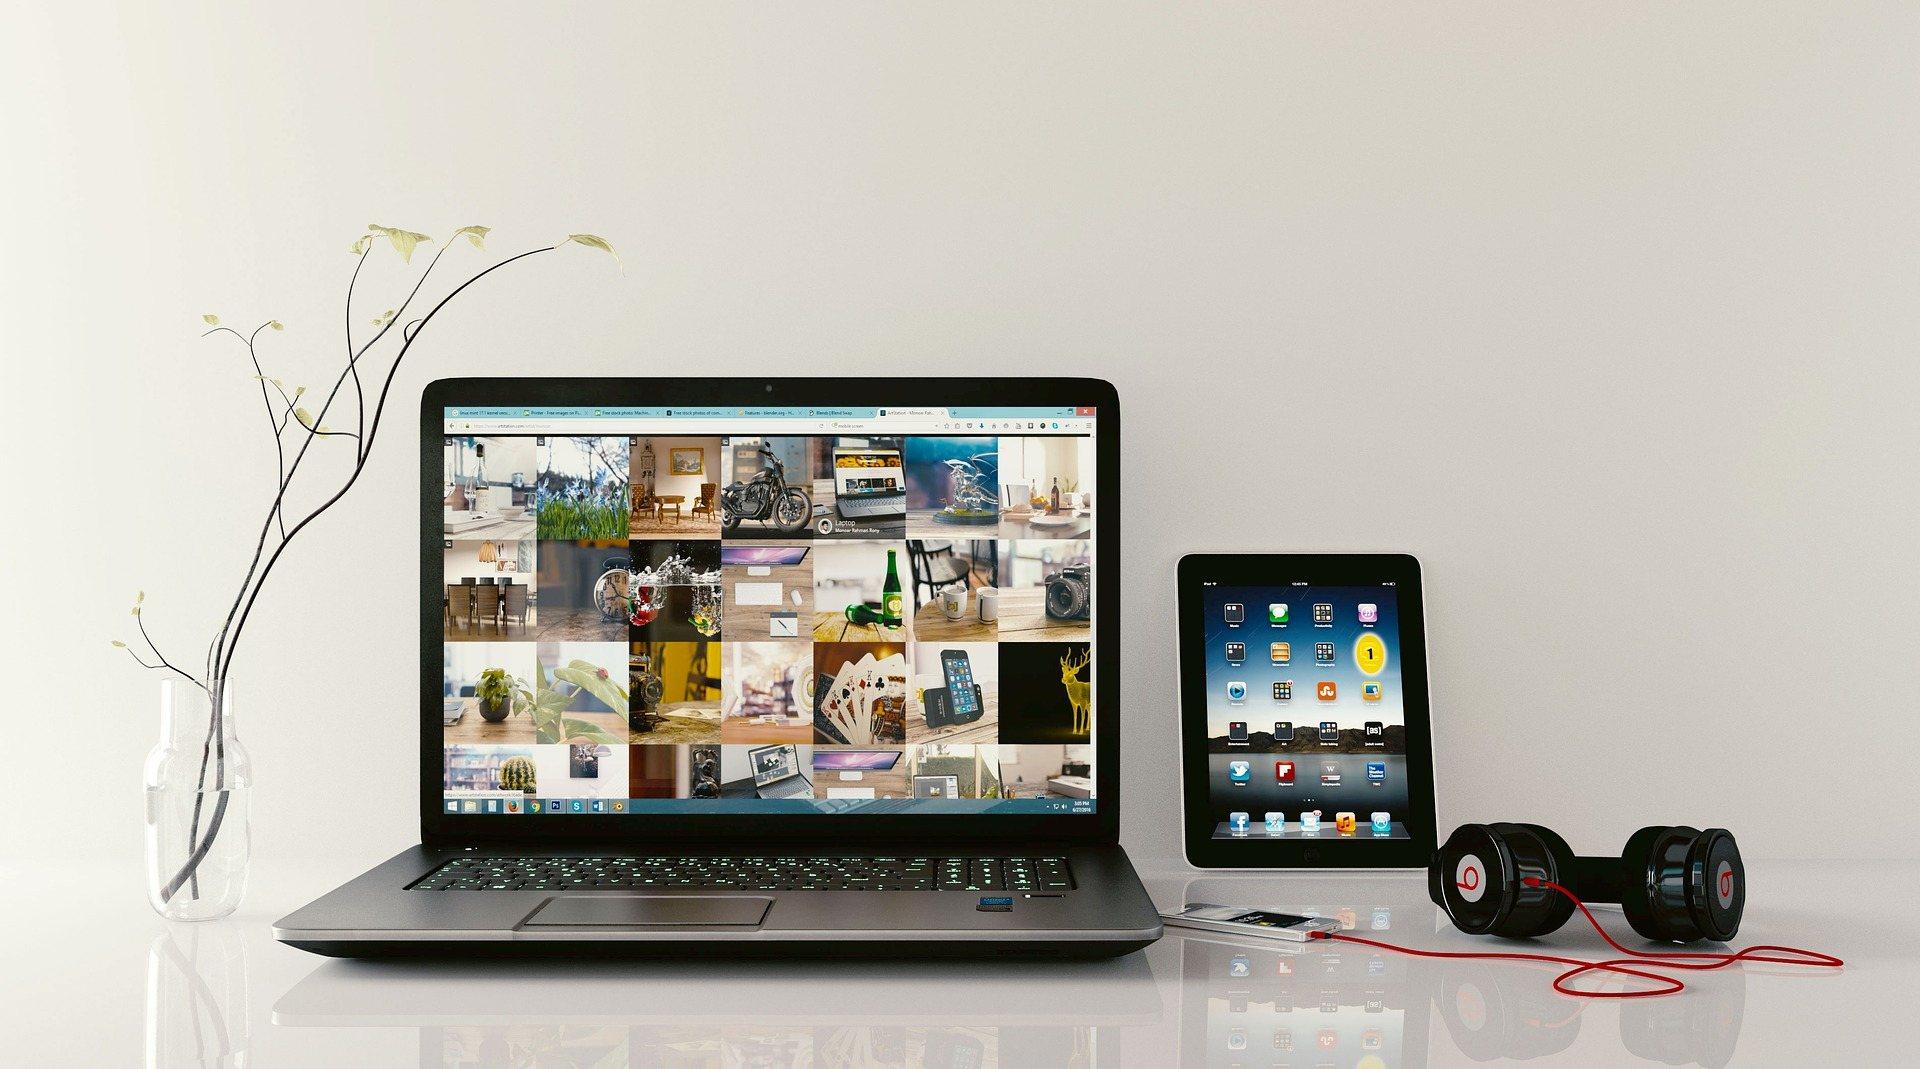 Praktinės išmaniųjų įrenginių ir interneto naudojimo mokyklose ir šeimose gairės